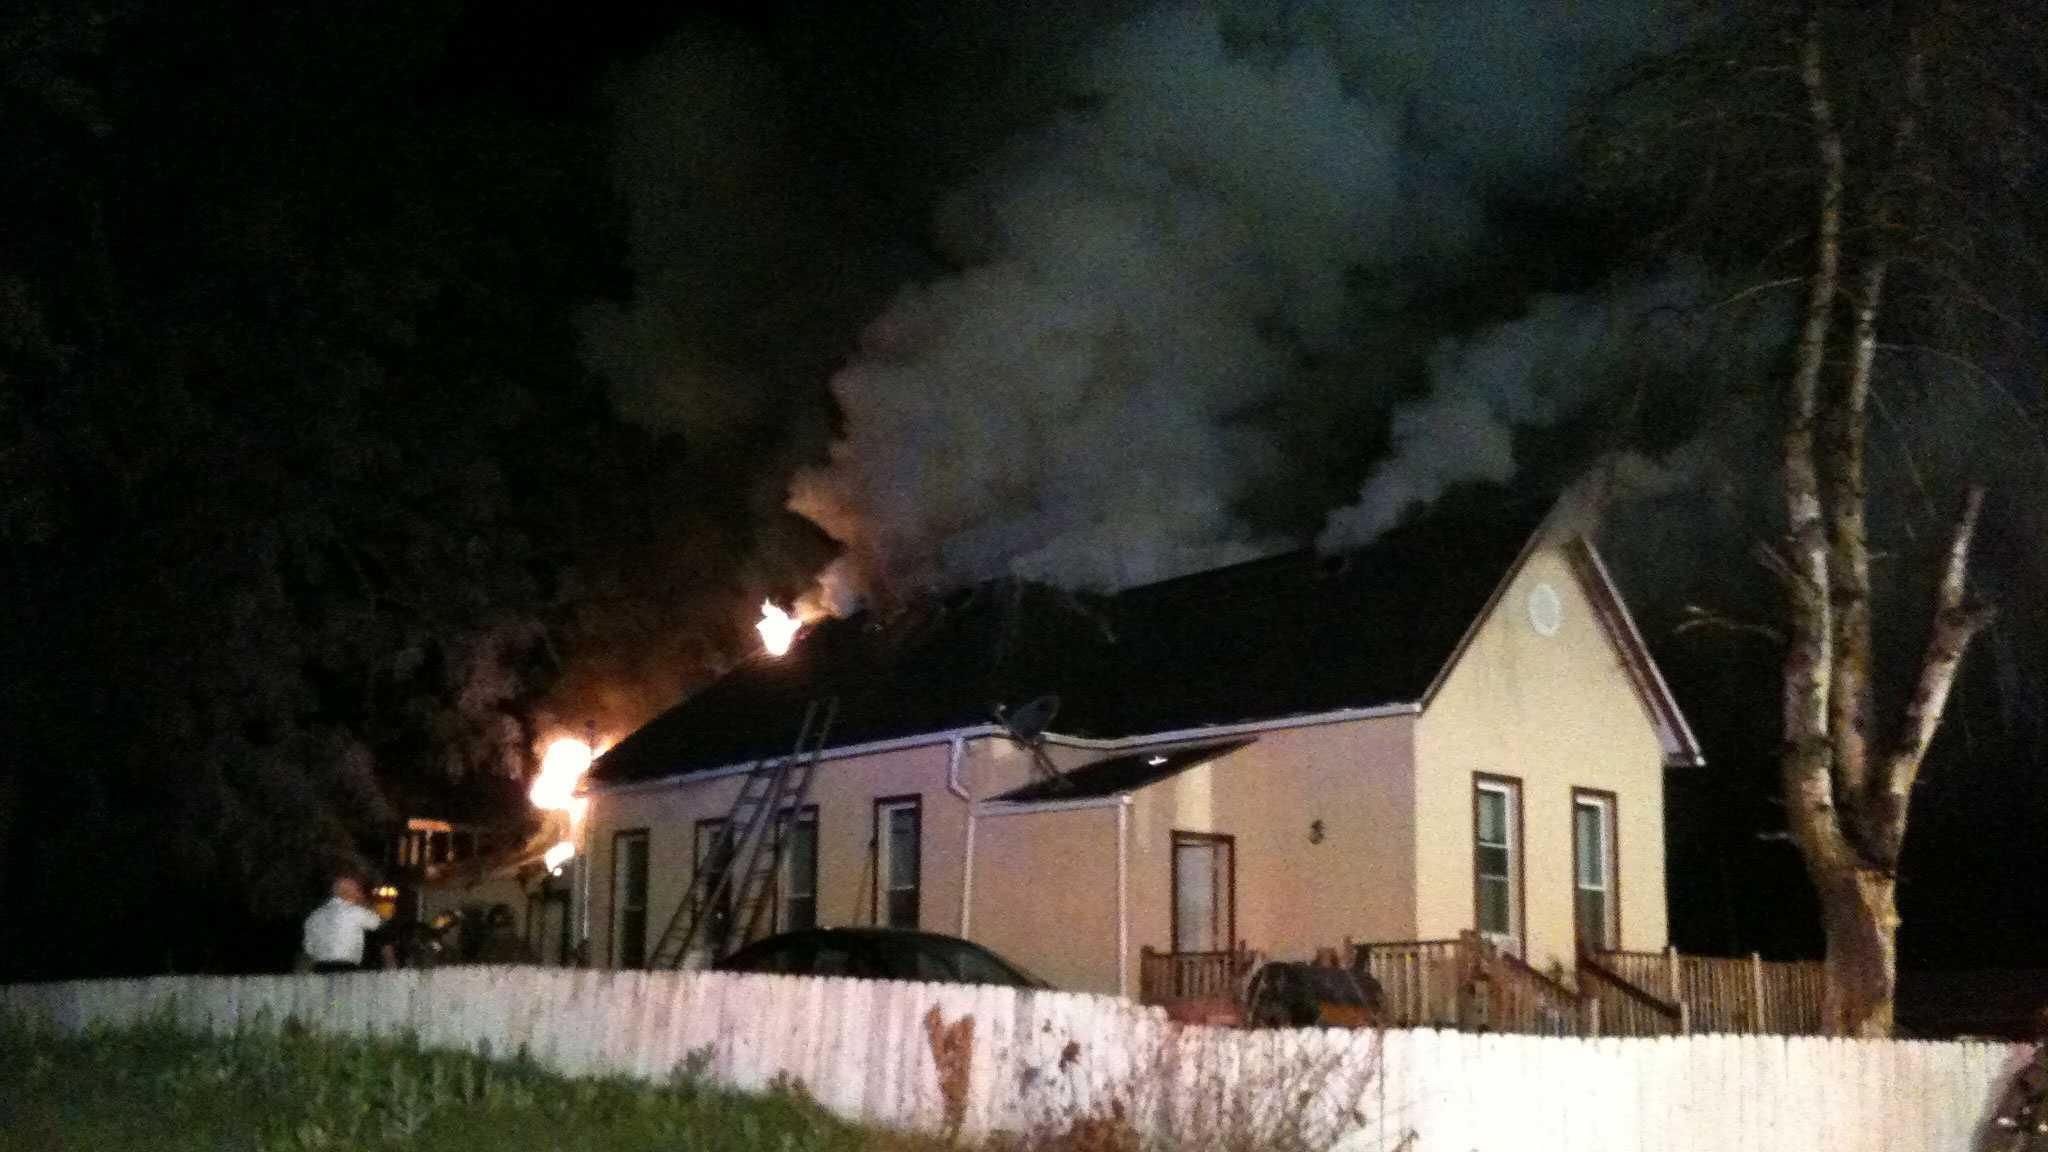 KCK house fire